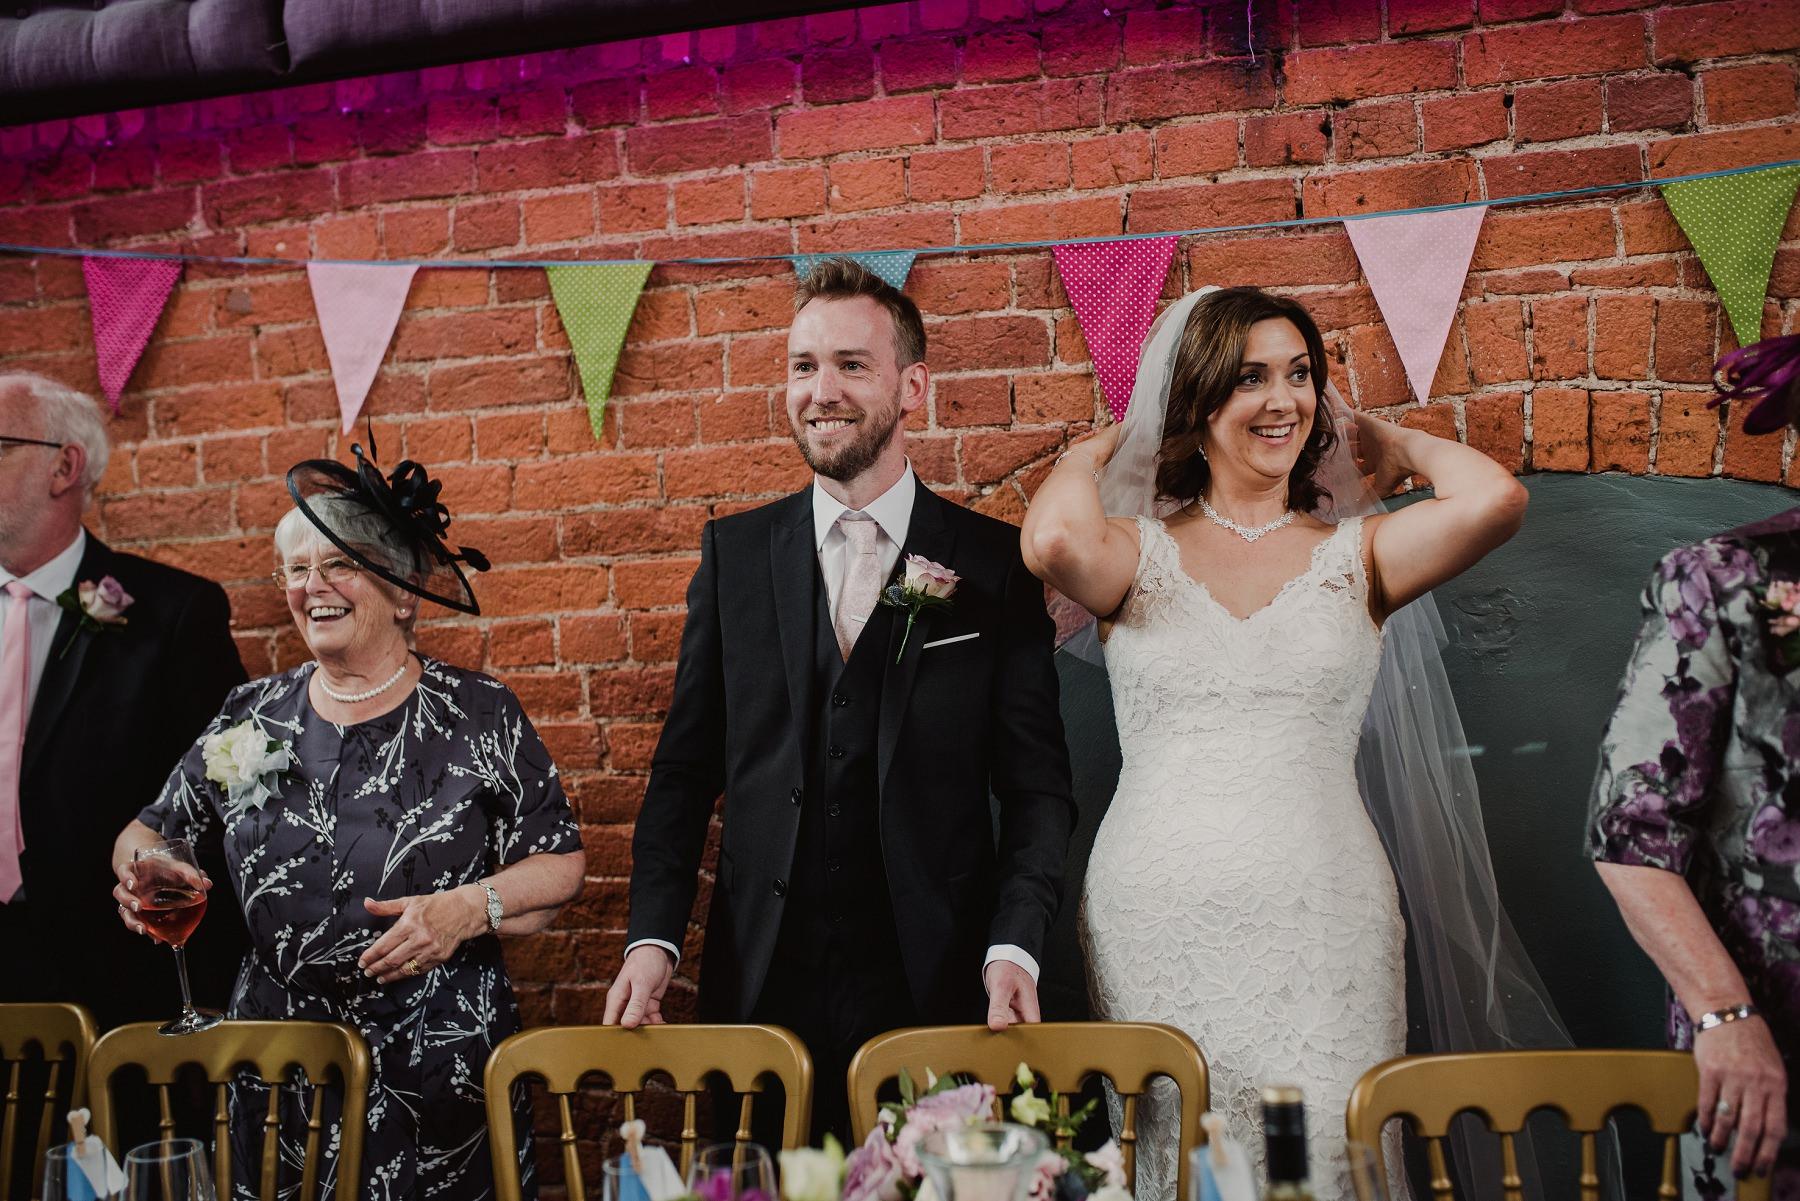 emma_steffan_wedding_buttermarket_0114.jpg